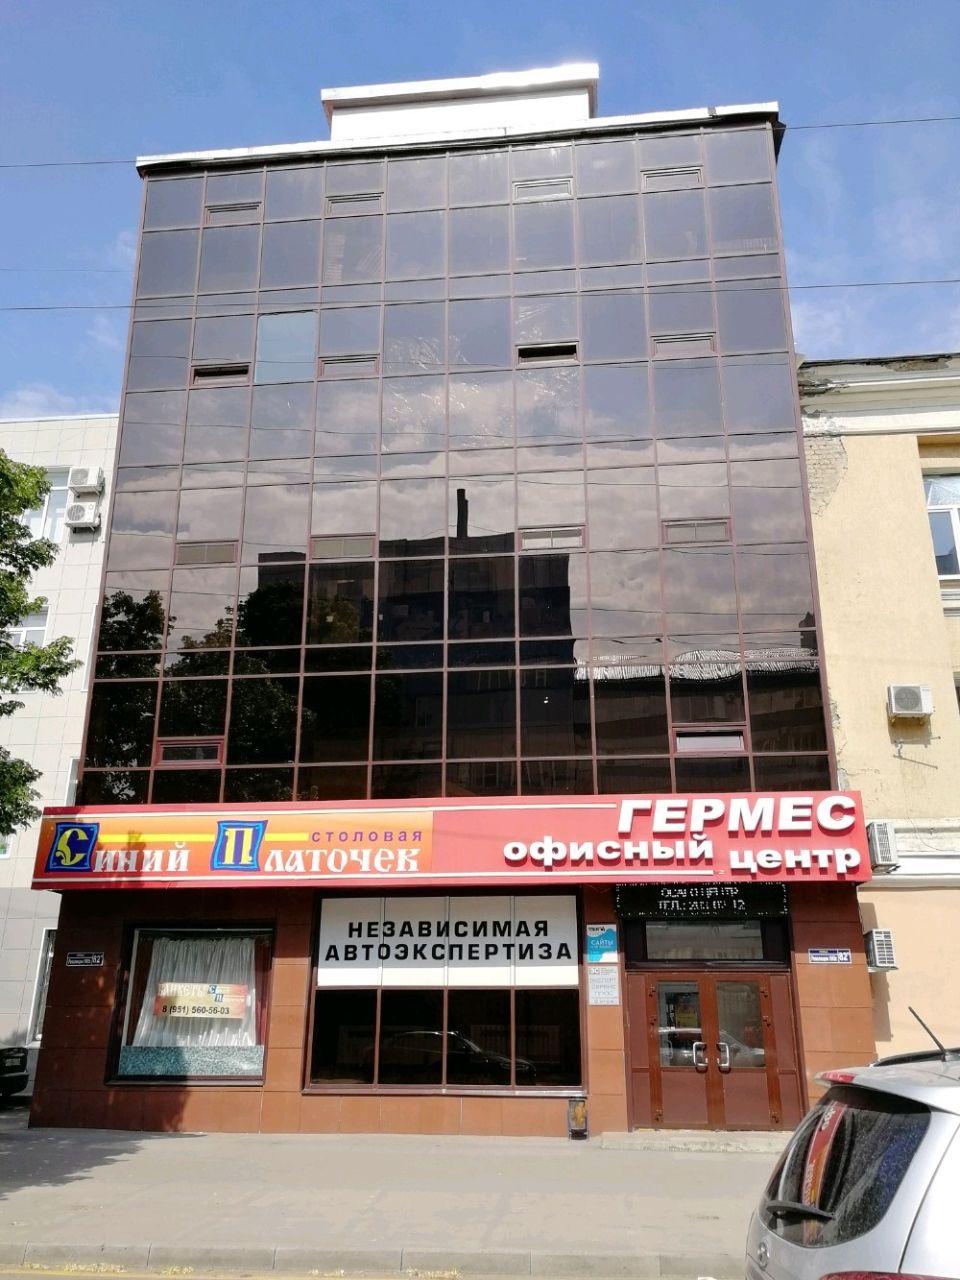 Бизнес Центр Гермес